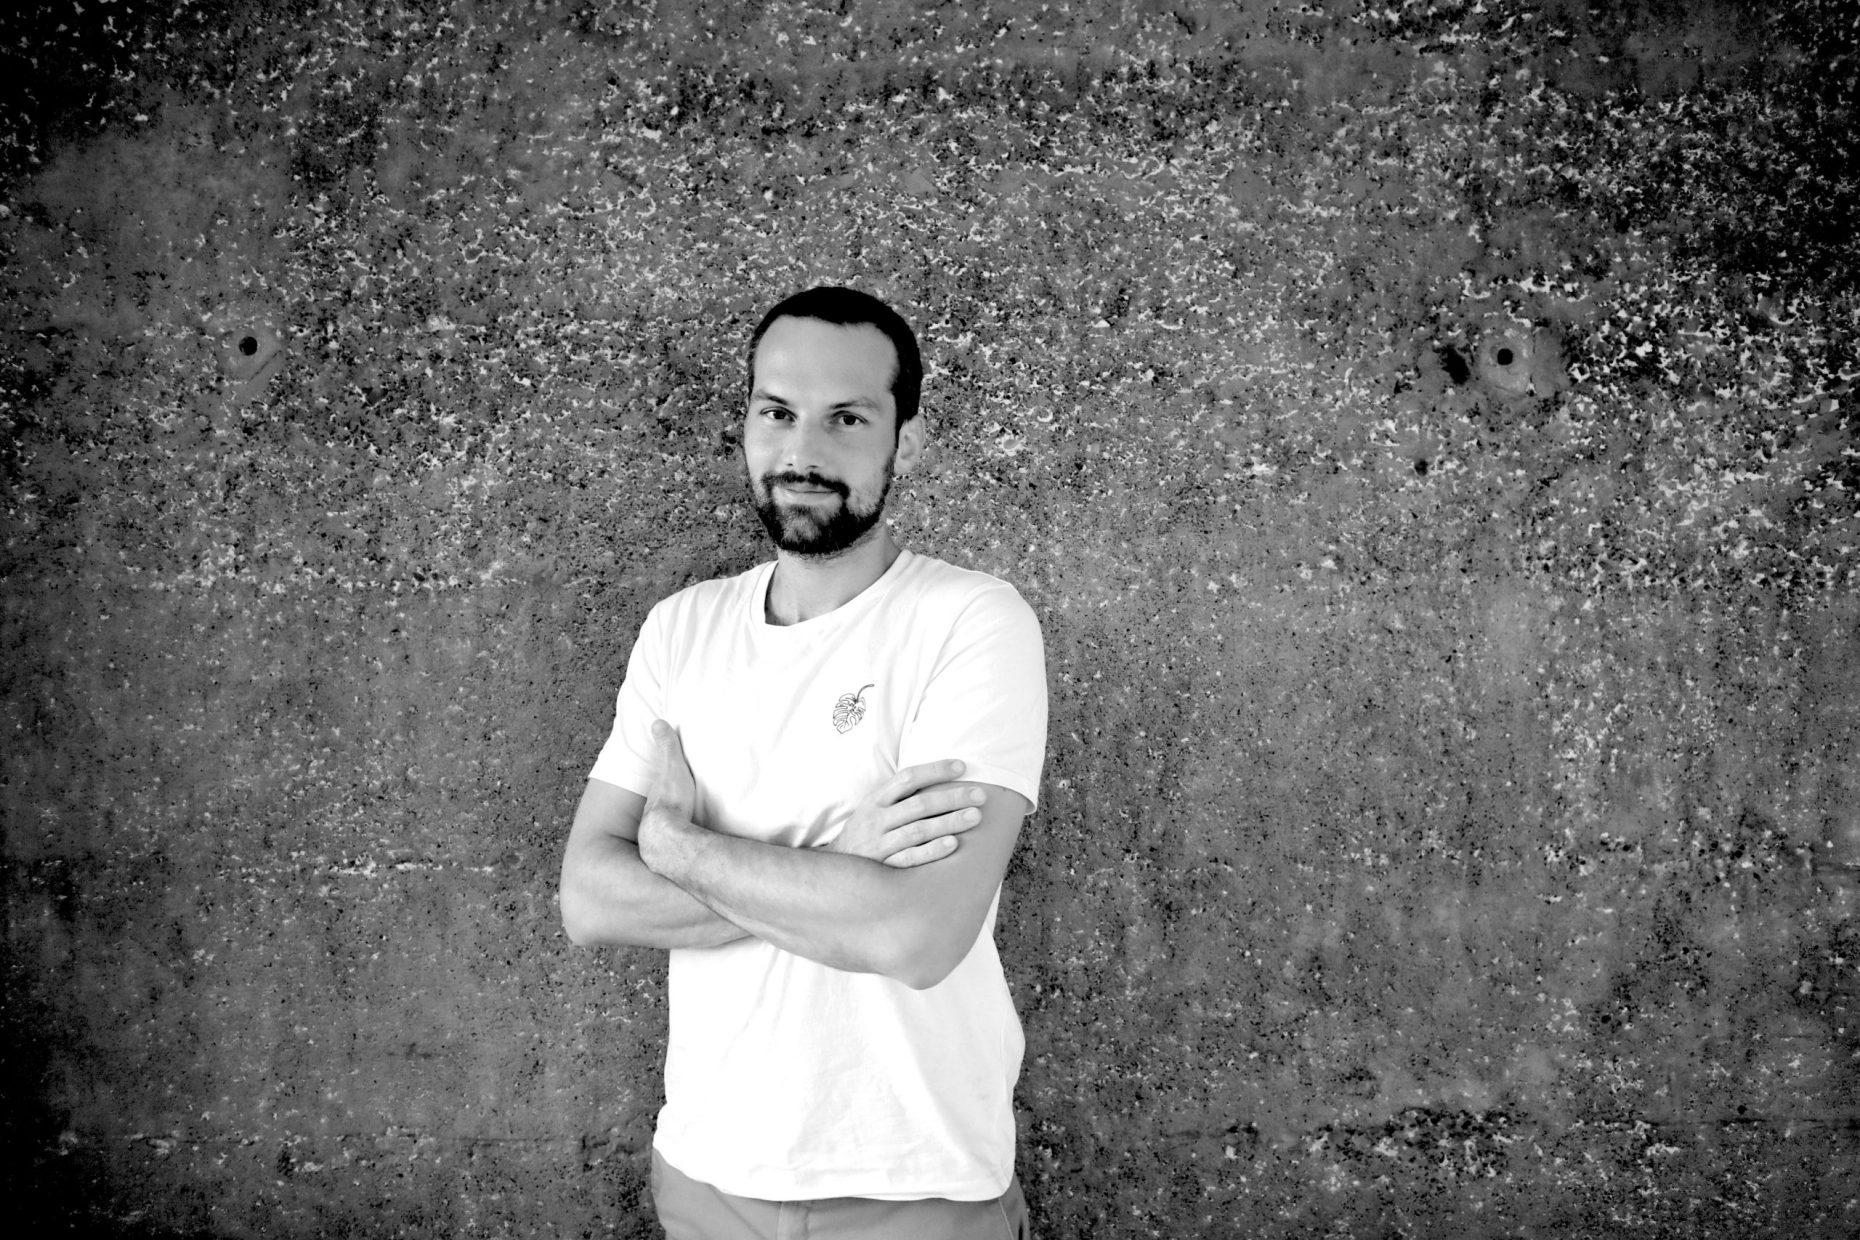 Portrait-Maxime-Hurdequint-mura-architecte-archibien-lyon